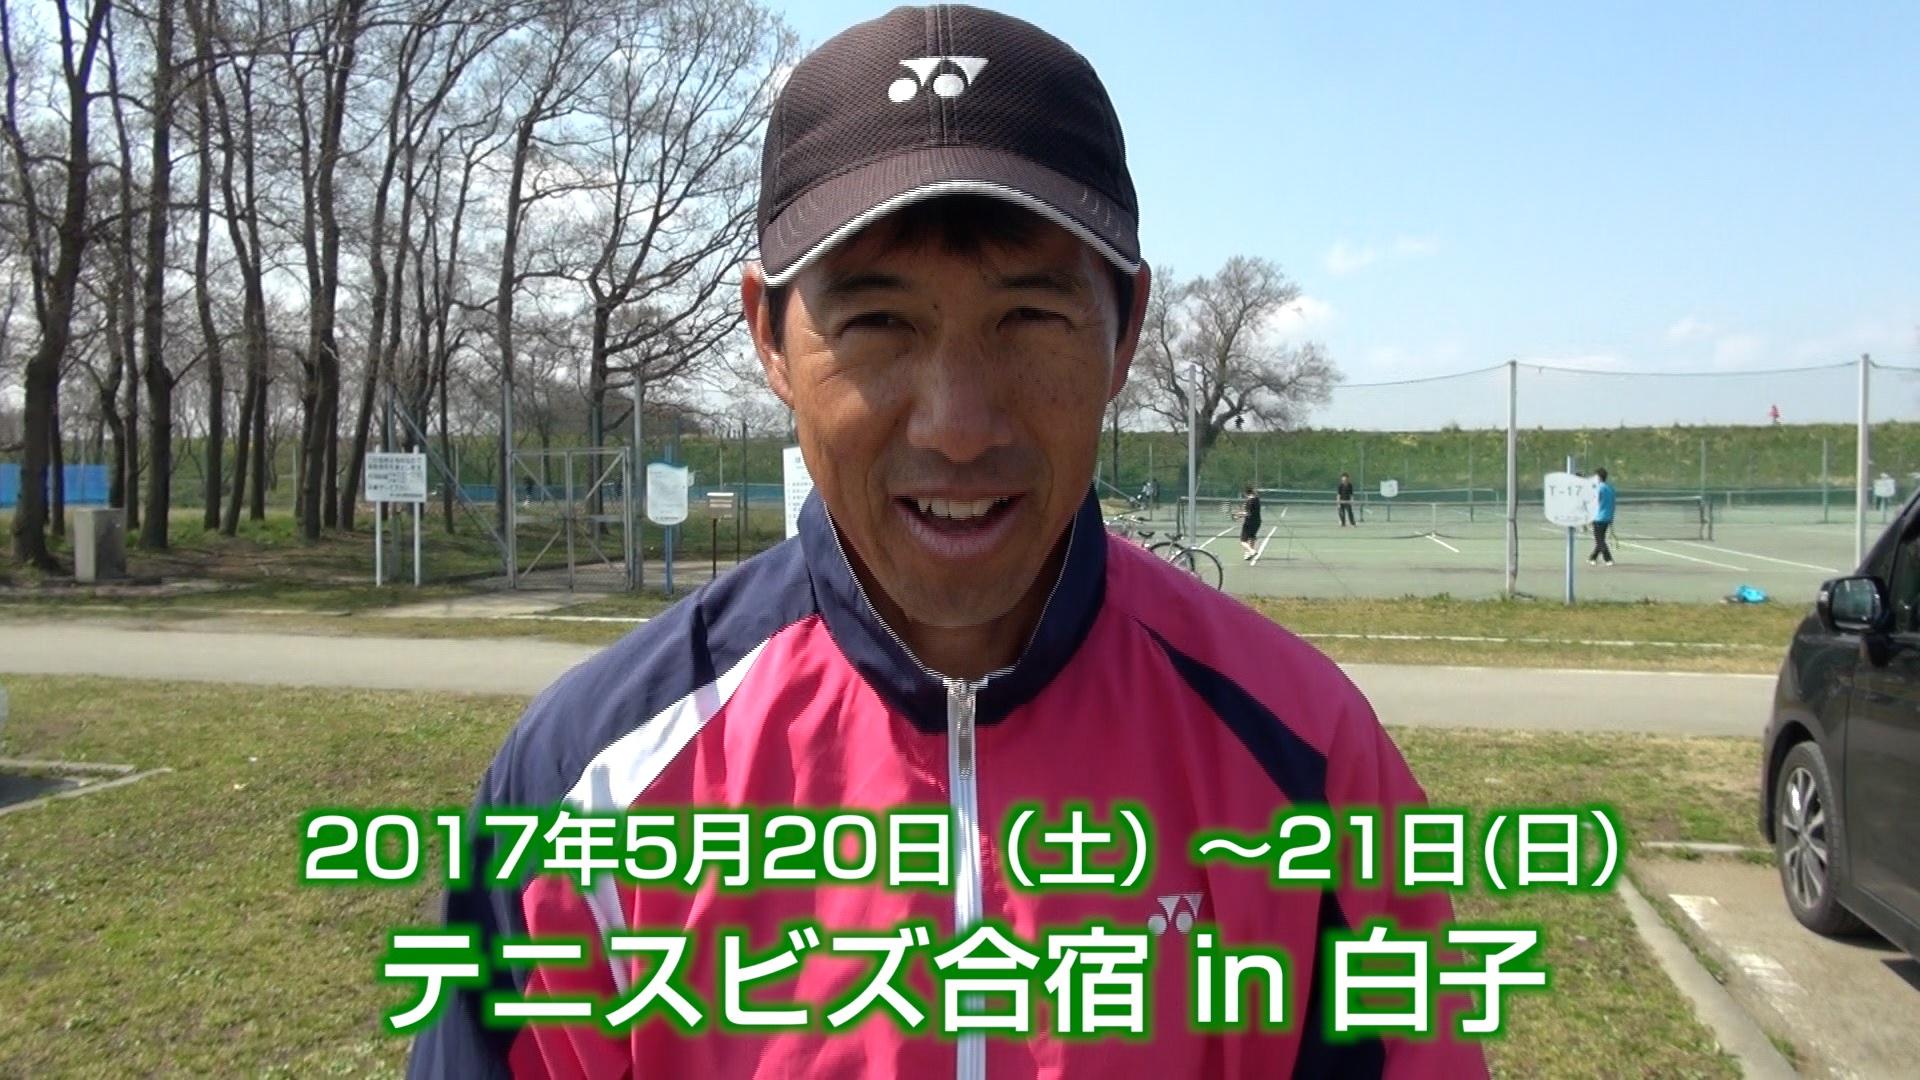 洋ジュニアモデル エロ 第8回テニスビズ合宿開催のお知らせ